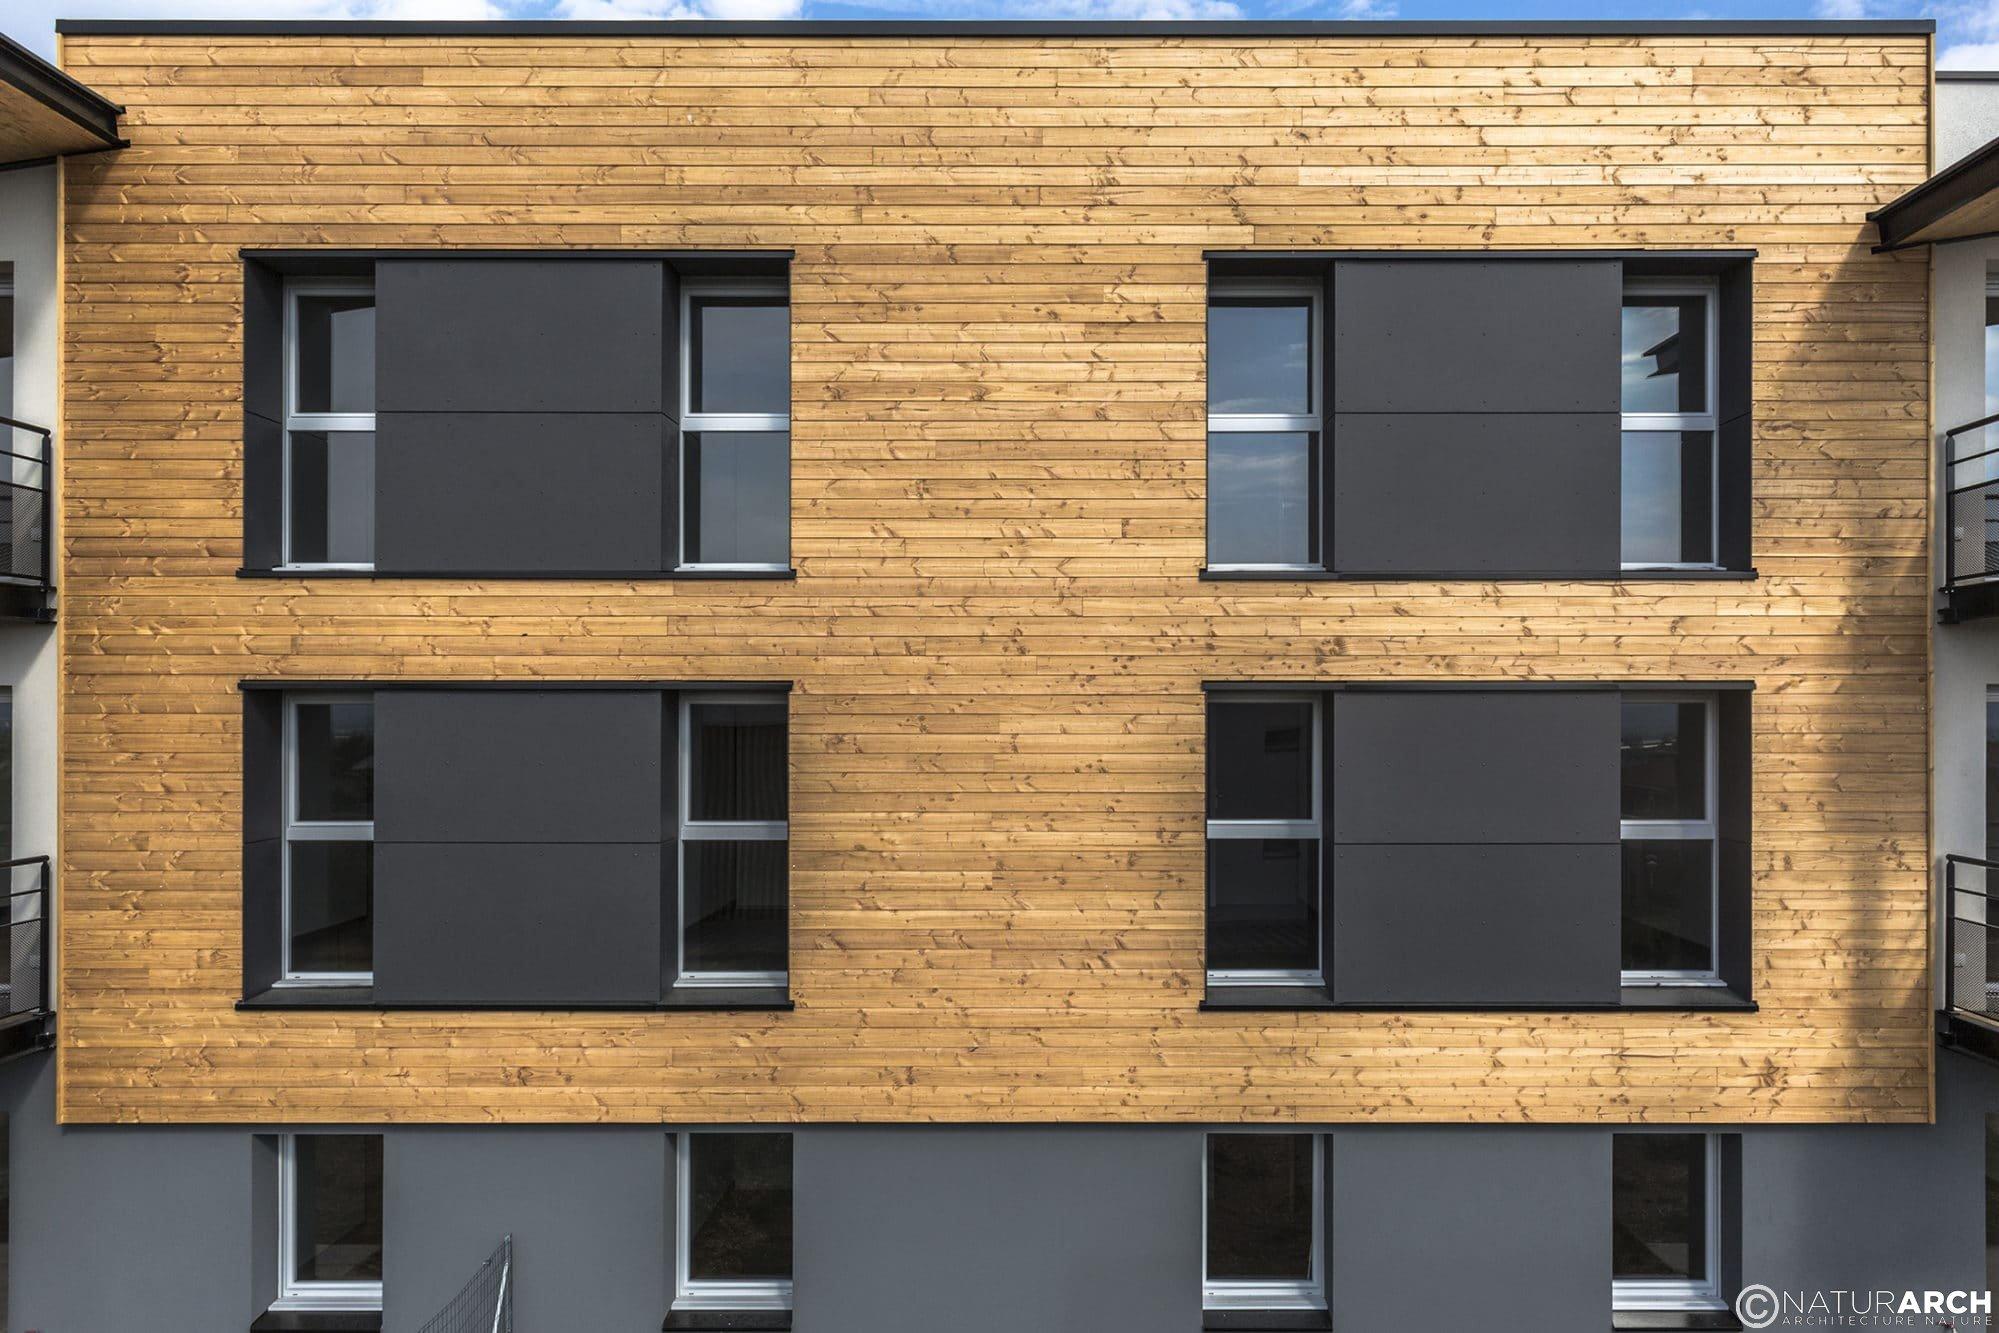 les-roses-facade-bois-naturARCH